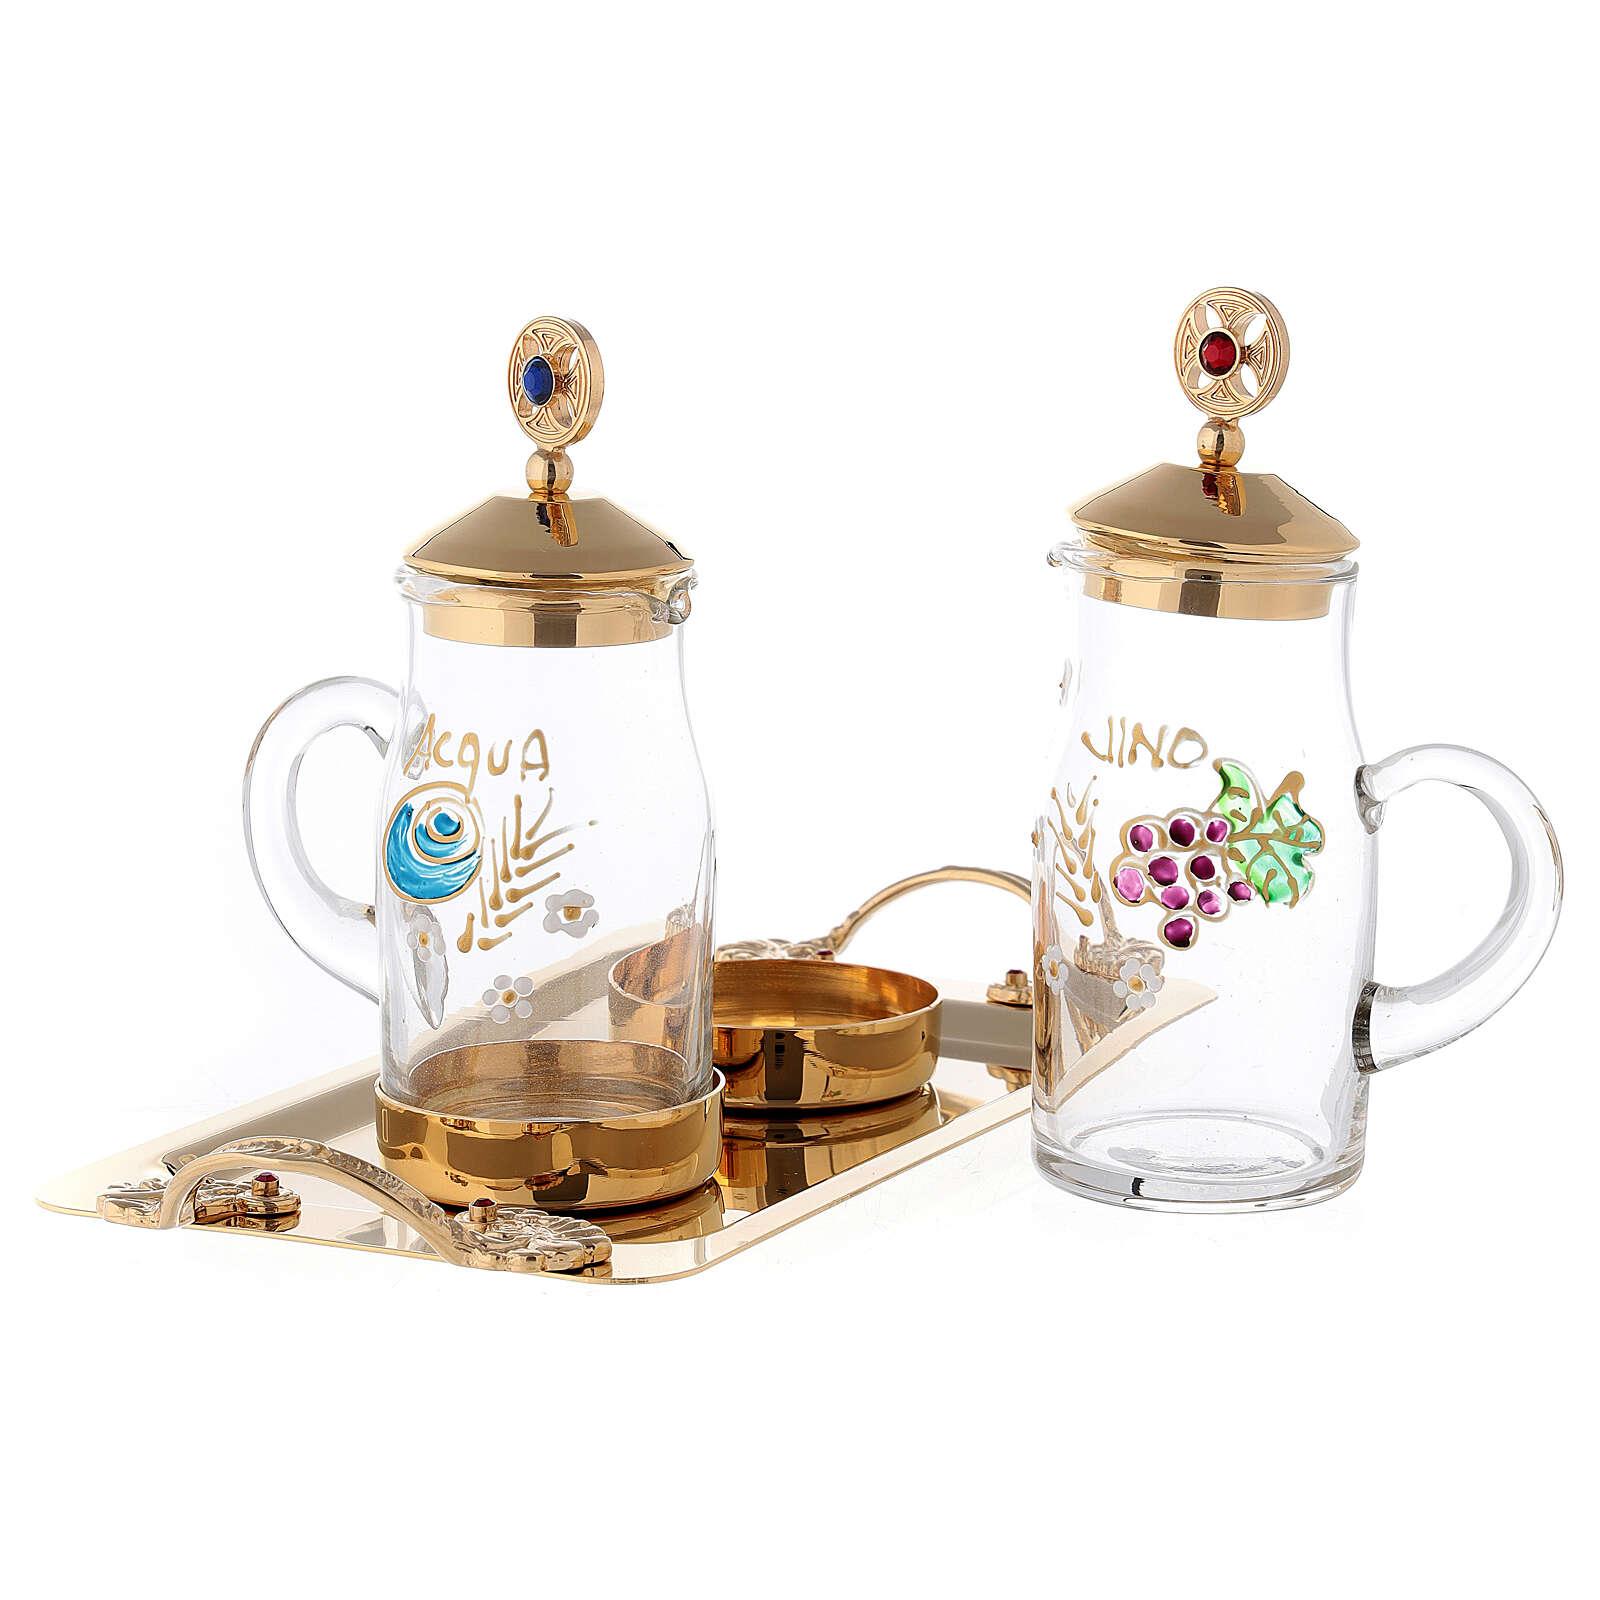 Servizio per acqua e vino modello Fiesole ottone dorato 24K  4